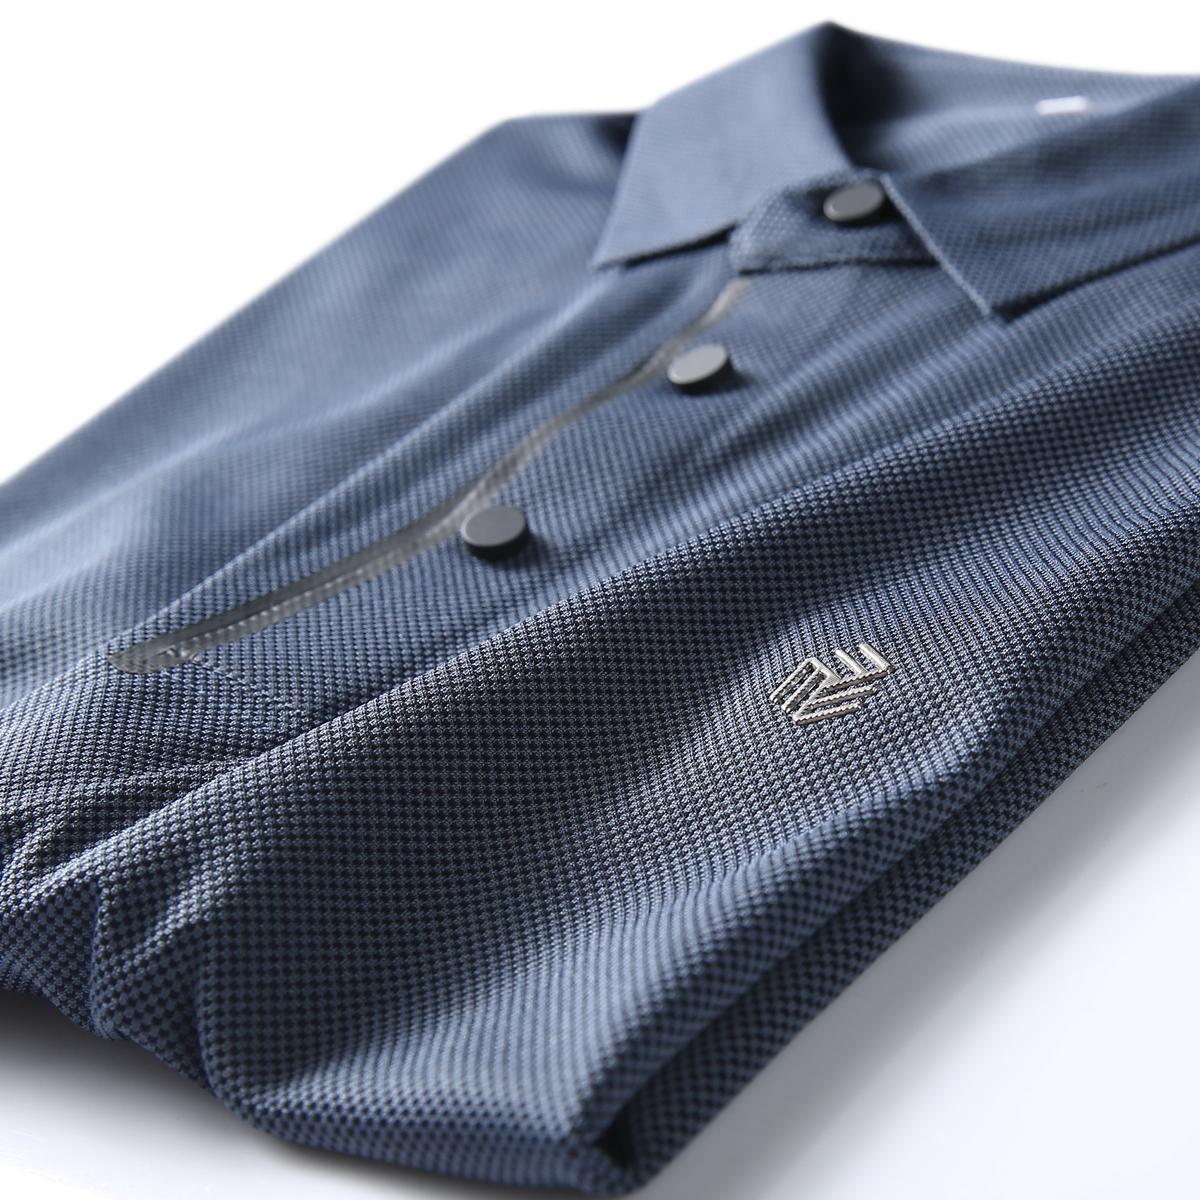 夏季新款 舒适透气珠地网眼 男士商务修身翻领短袖T恤 POLO衫